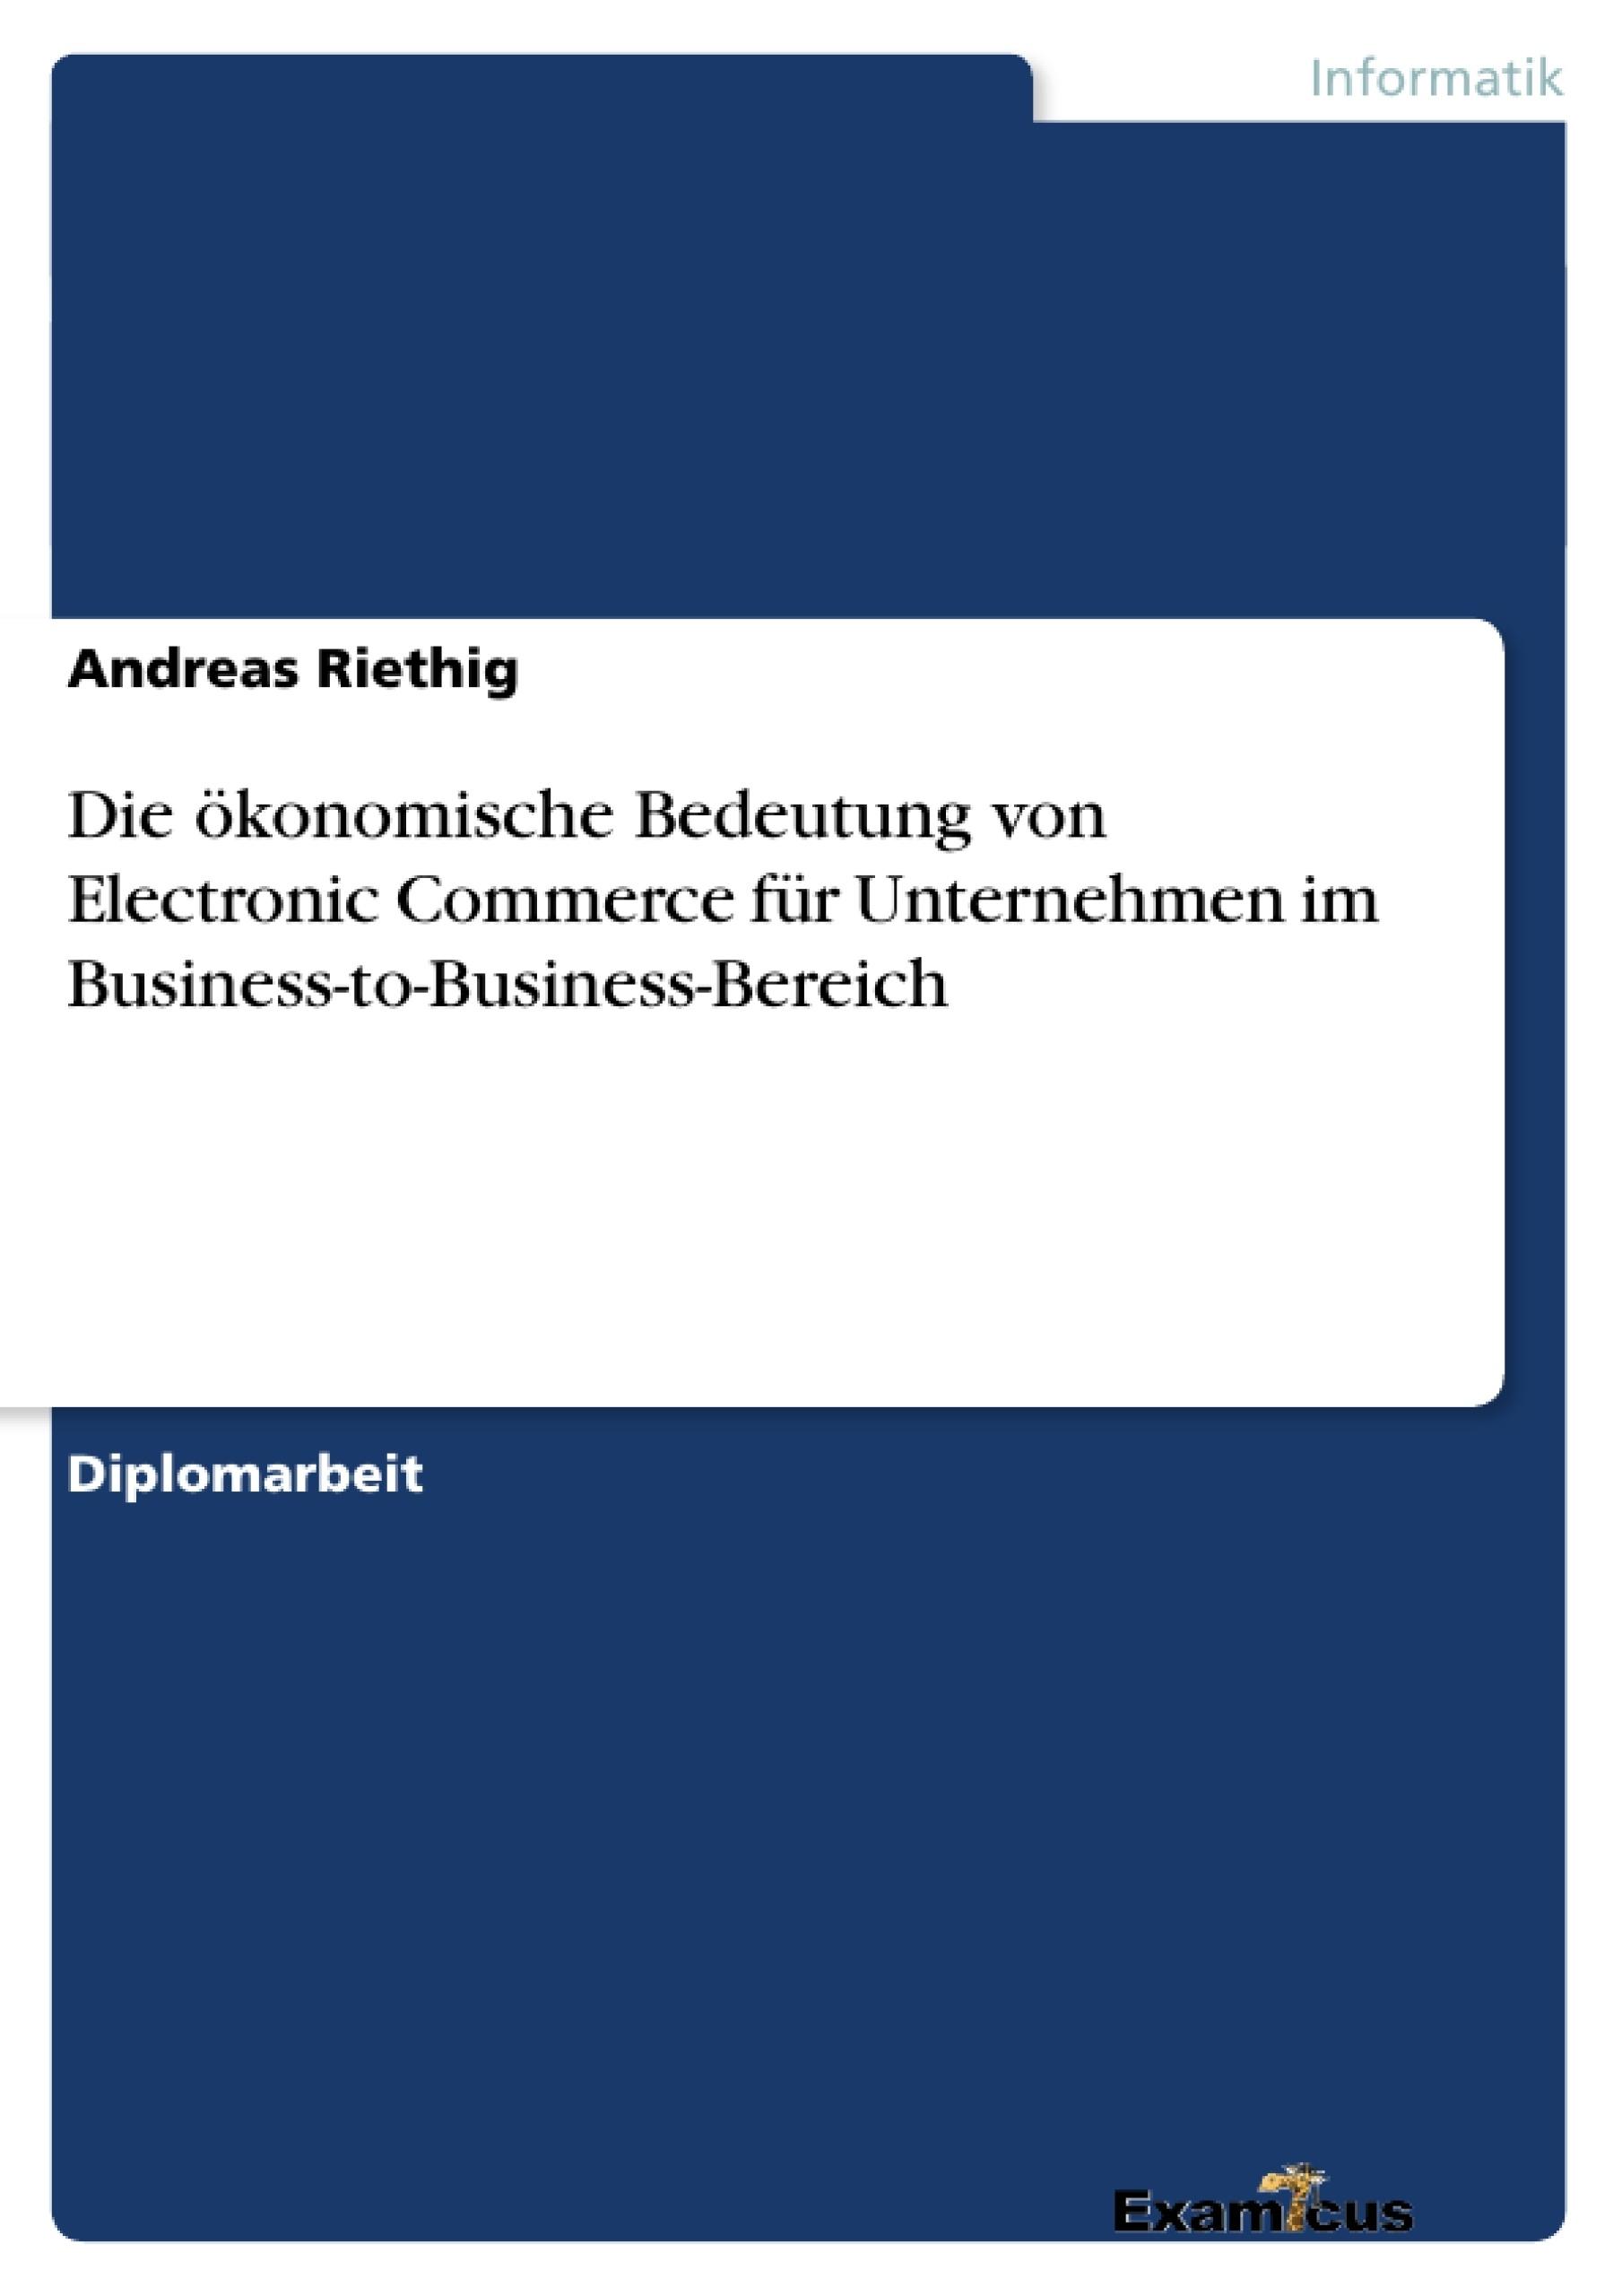 Titel: Die ökonomische Bedeutung von Electronic Commerce für Unternehmen im Business-to-Business-Bereich